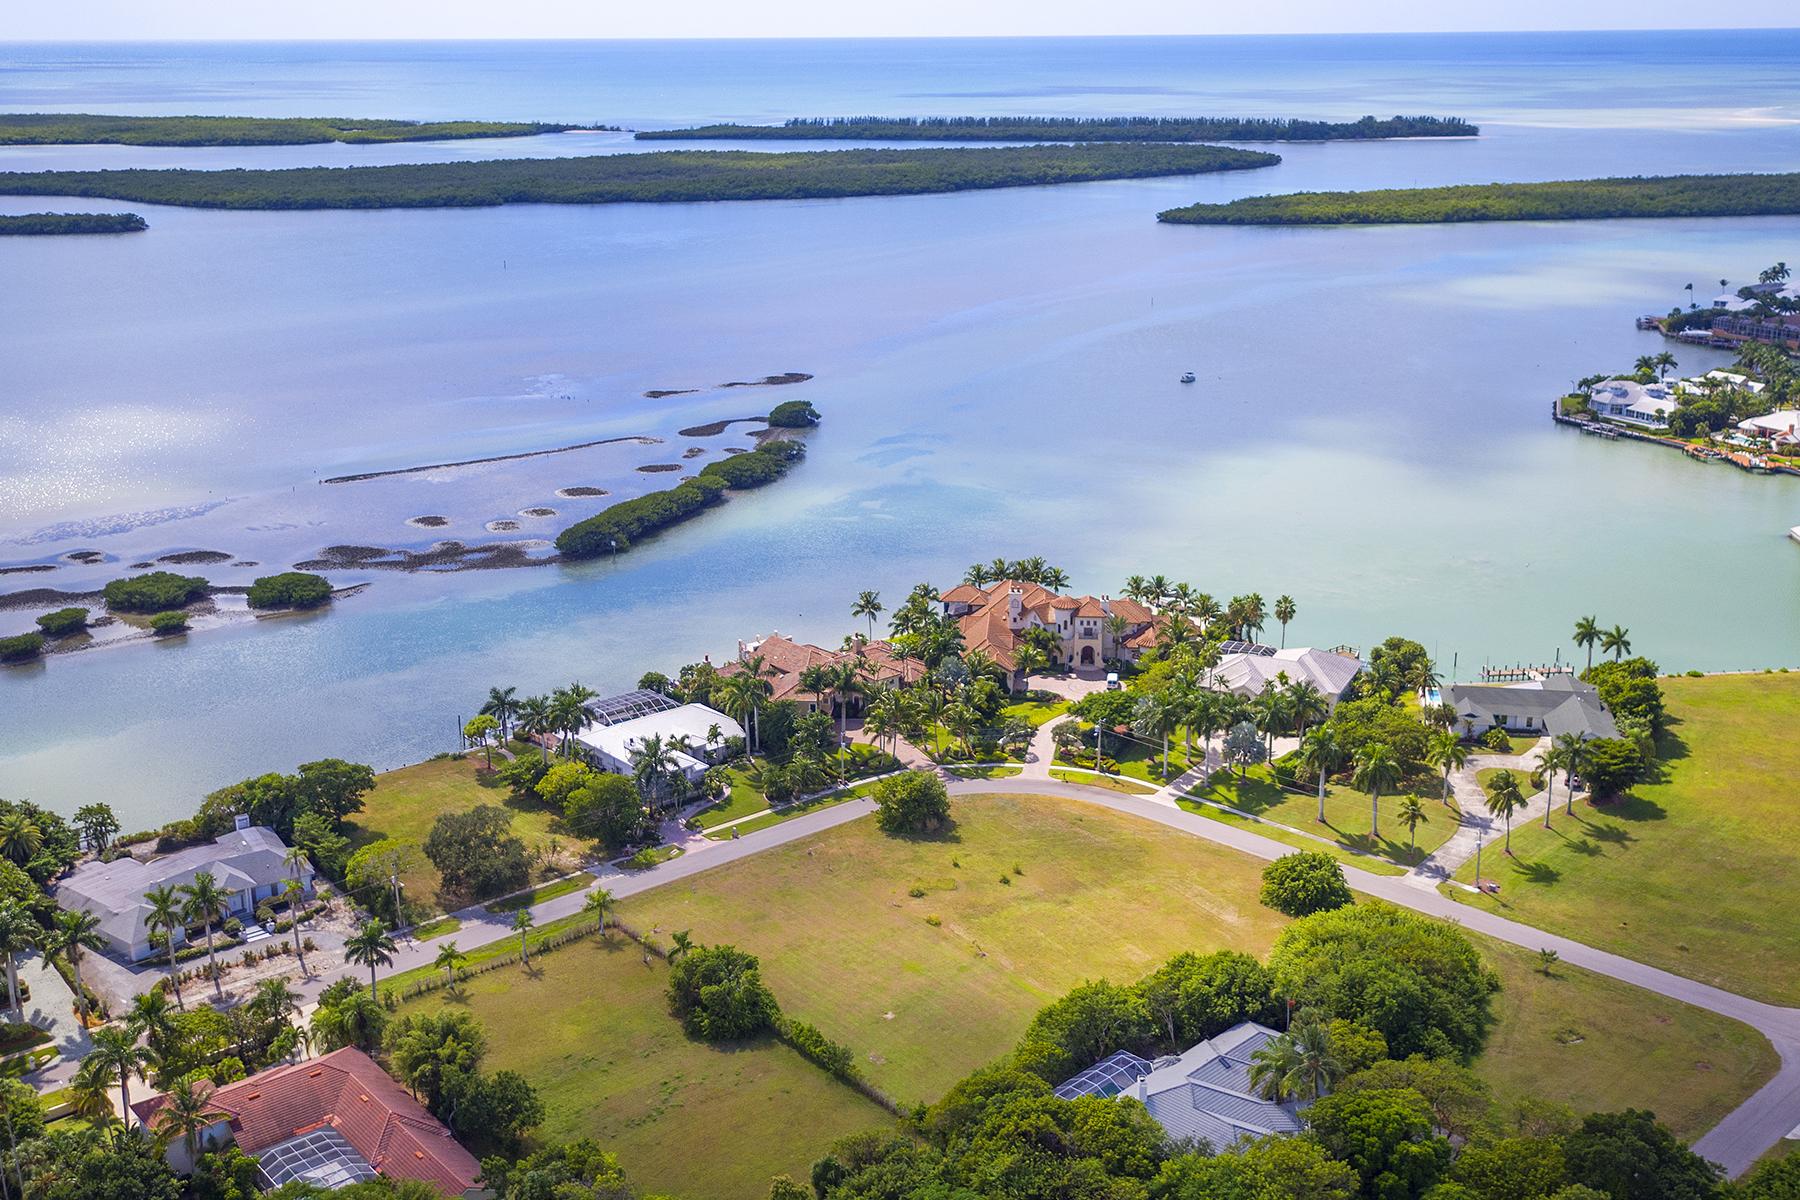 Terreno por un Venta en MARCO ISLAND - S INLET DRIVE 1820 S Inlet Dr Marco Island, Florida, 34145 Estados Unidos